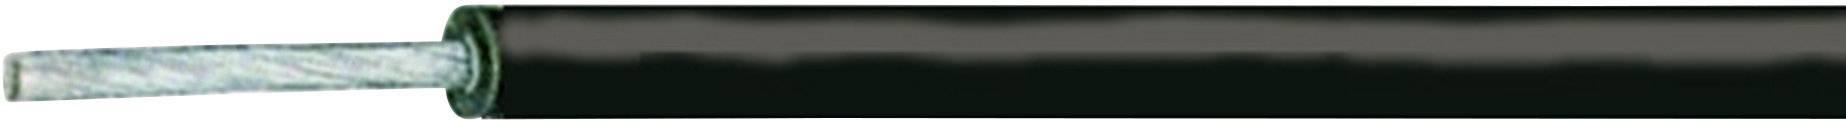 Stikalna žica SiL-SiAF 1 x 2.50 mm, črna XBK Kabel cena za meter